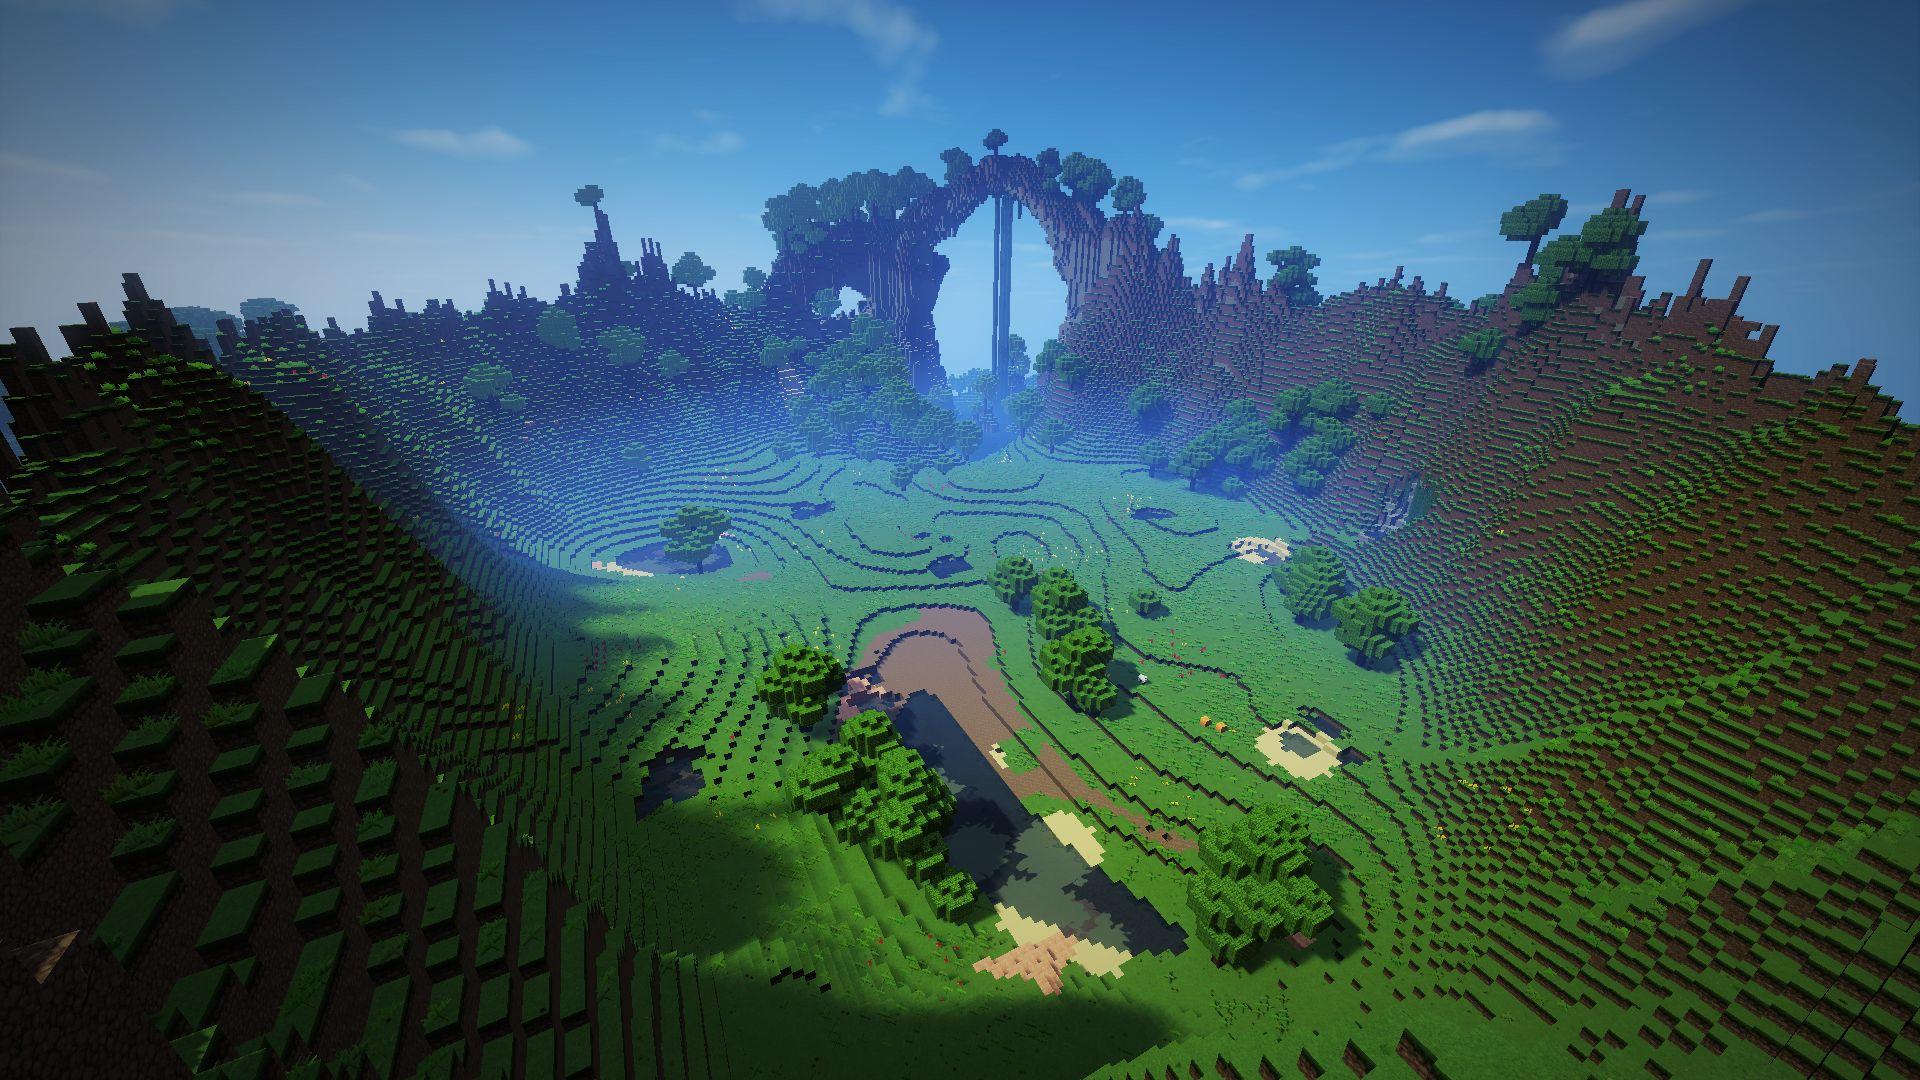 Landscape Minecraft 2560 X 1440